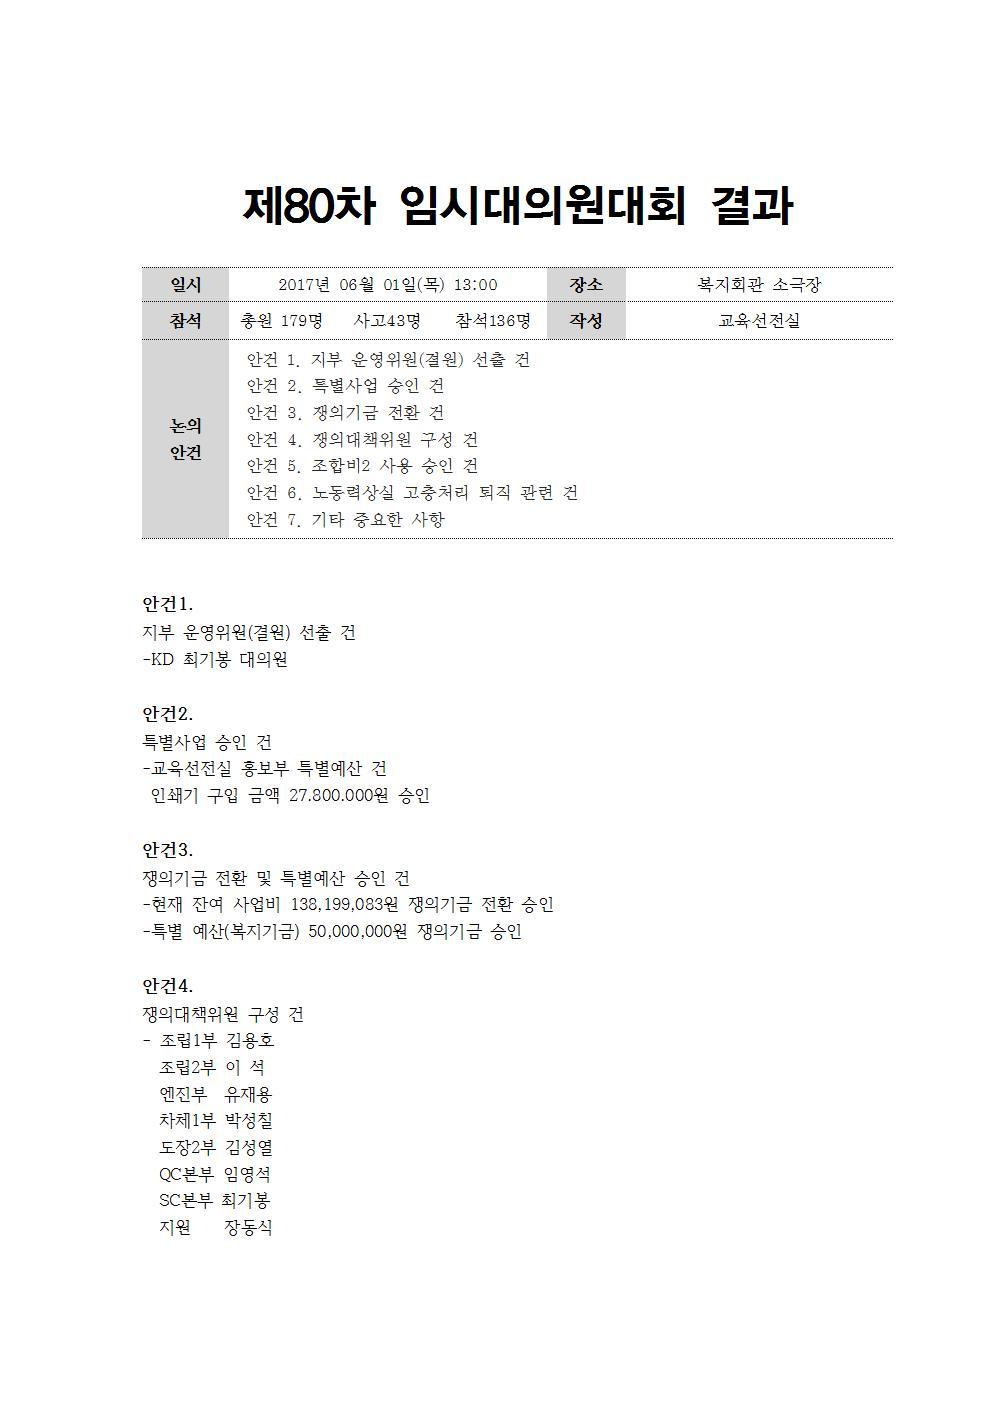 80차 임시대의원대회 결과001.jpg